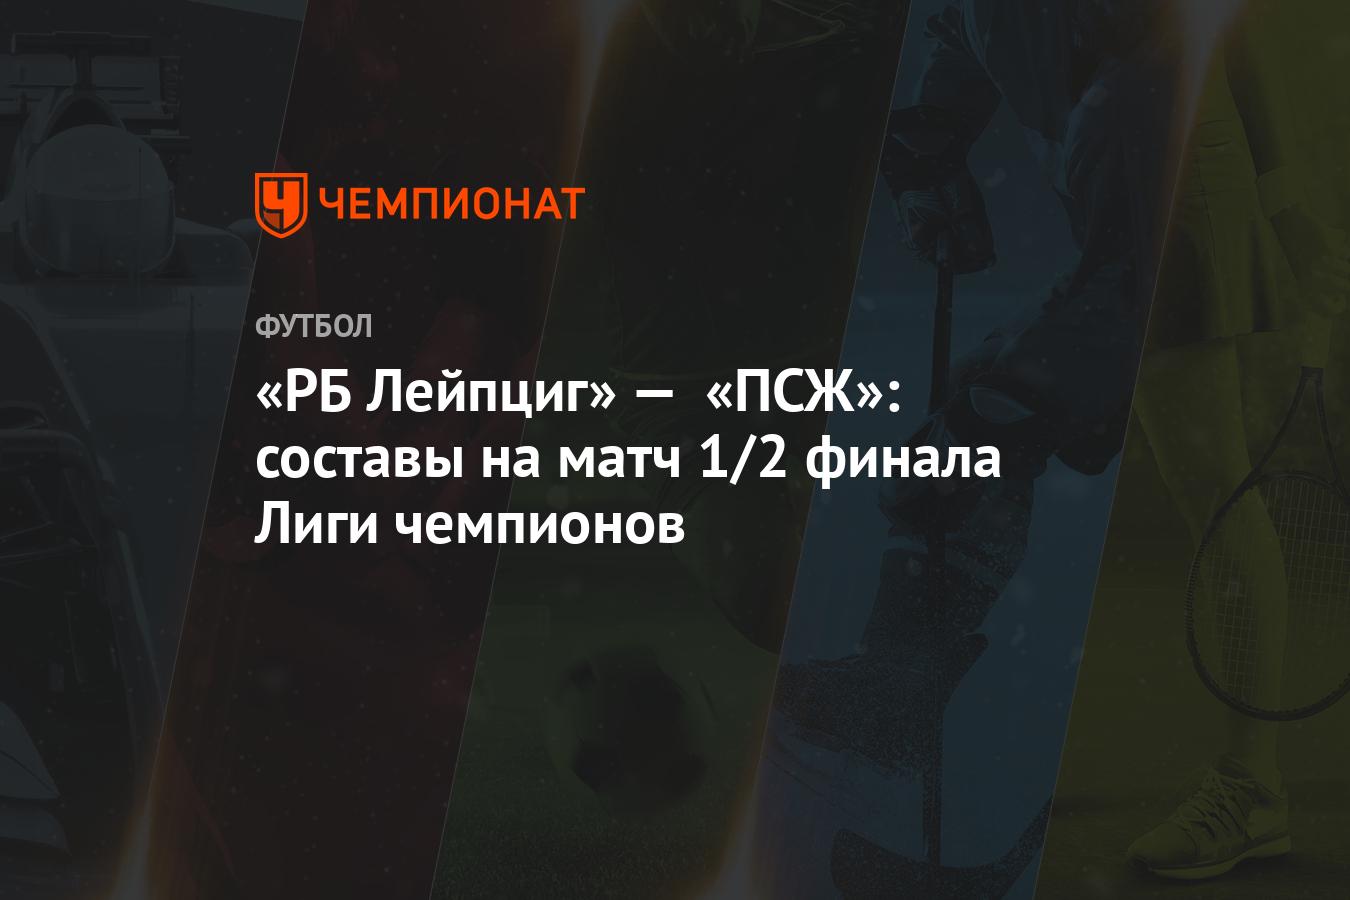 Rb Lejpcig Pszh Sostavy Na Match 1 2 Finala Ligi Chempionov Chempionat